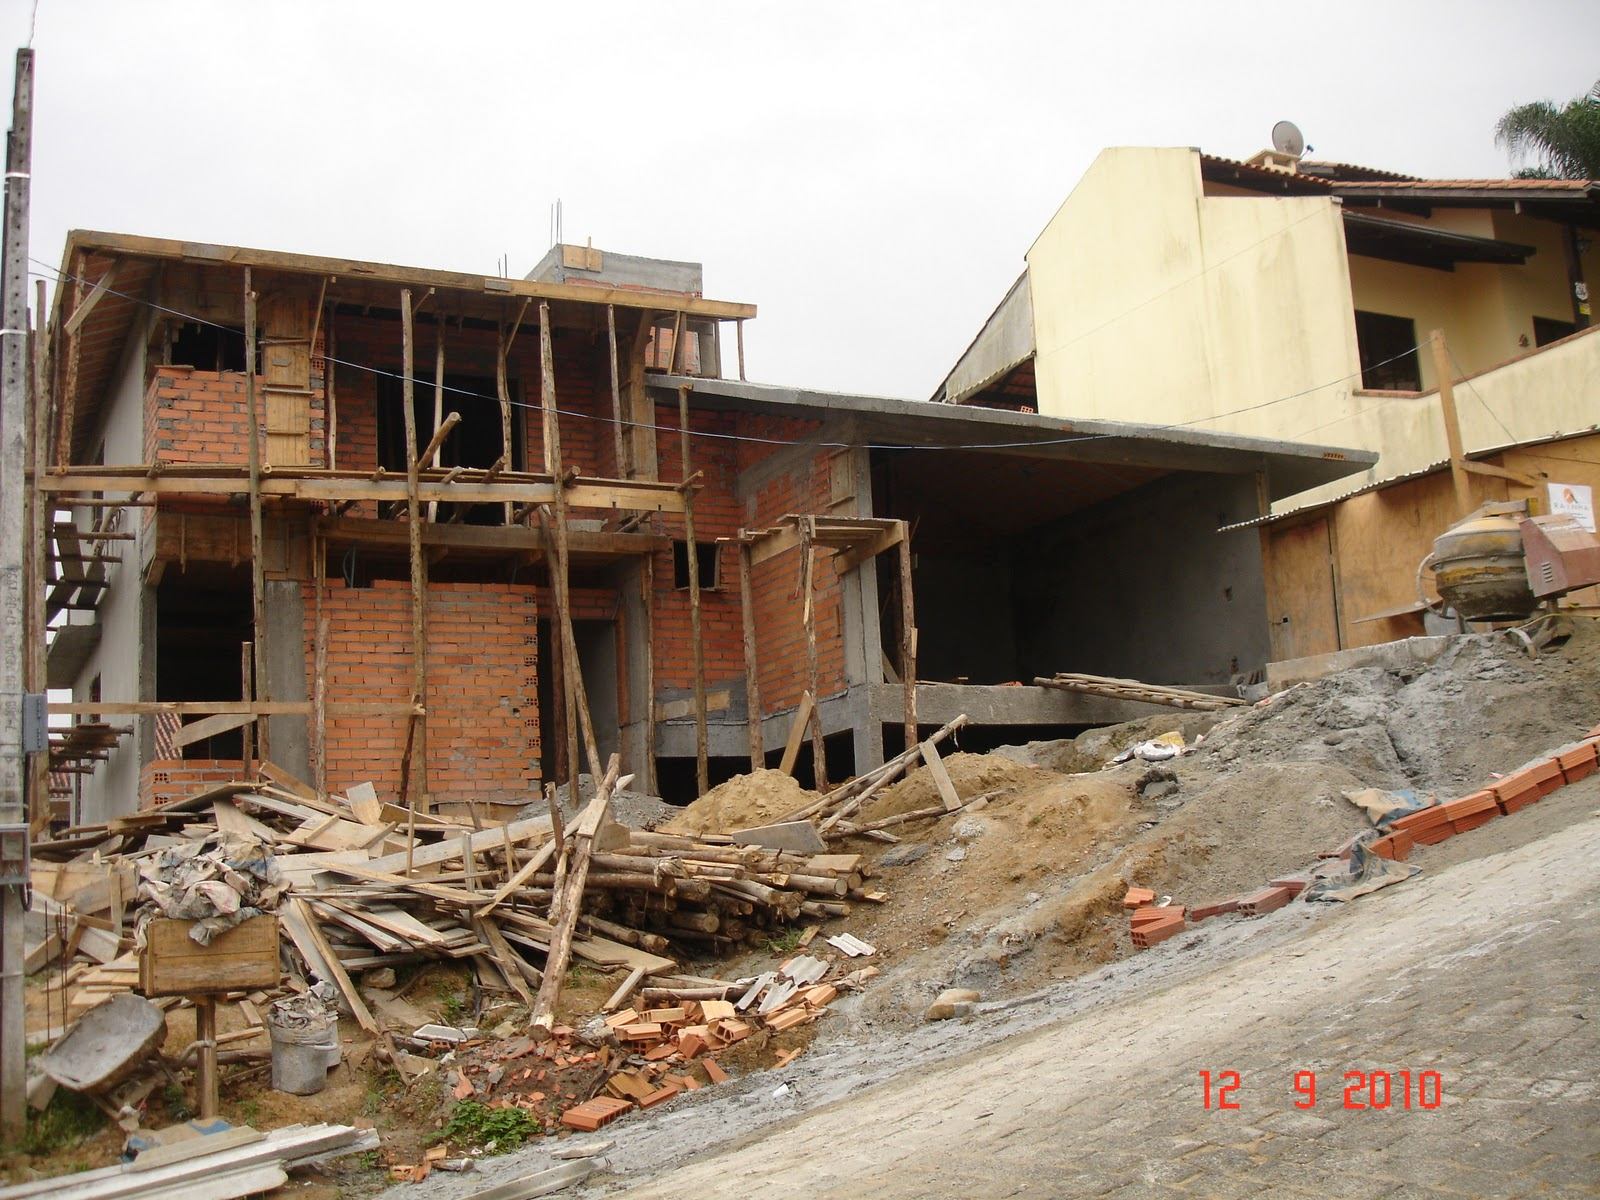 Nossa Casa no Site Construção da fundação ao acabamento: Fotos  #B22B19 1600 1200